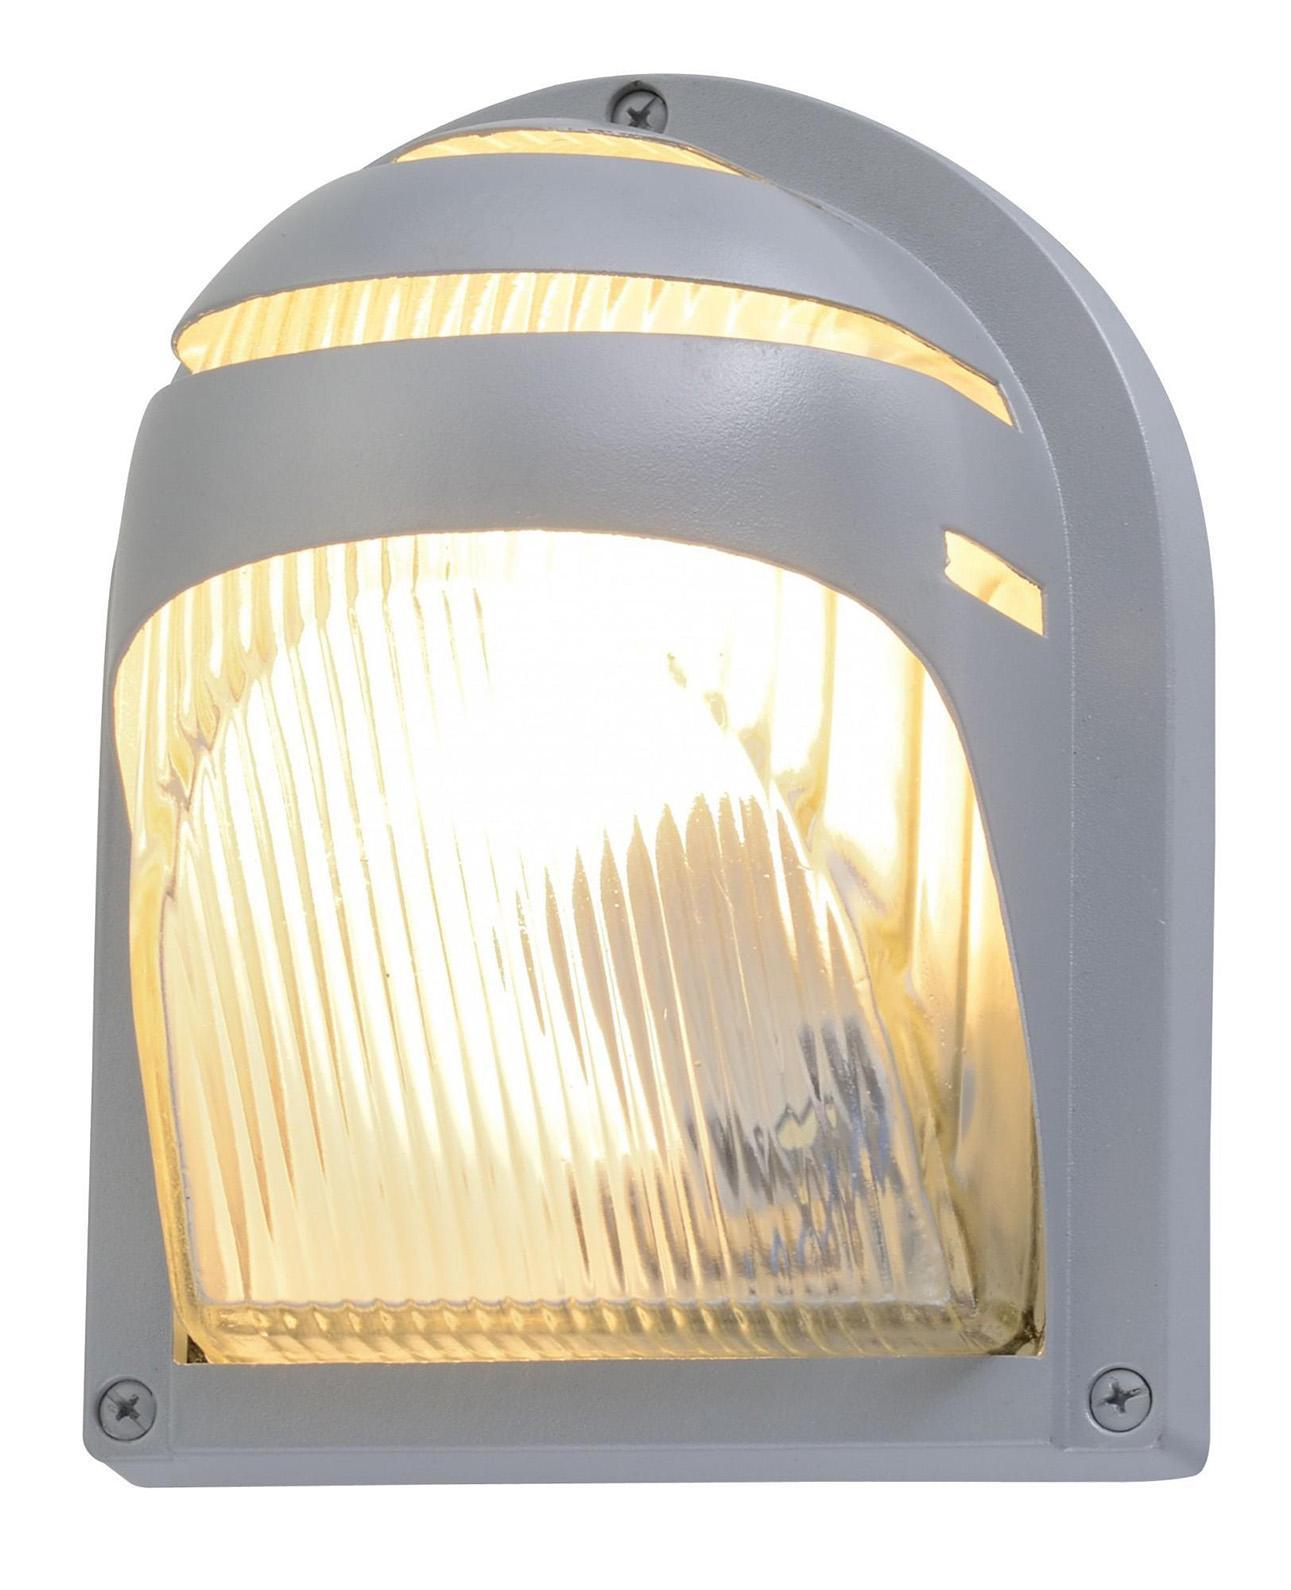 Светильник уличный Arte lamp A2802al-1gy arte lamp фонарь бра arte lamp urban a2802al 1gy